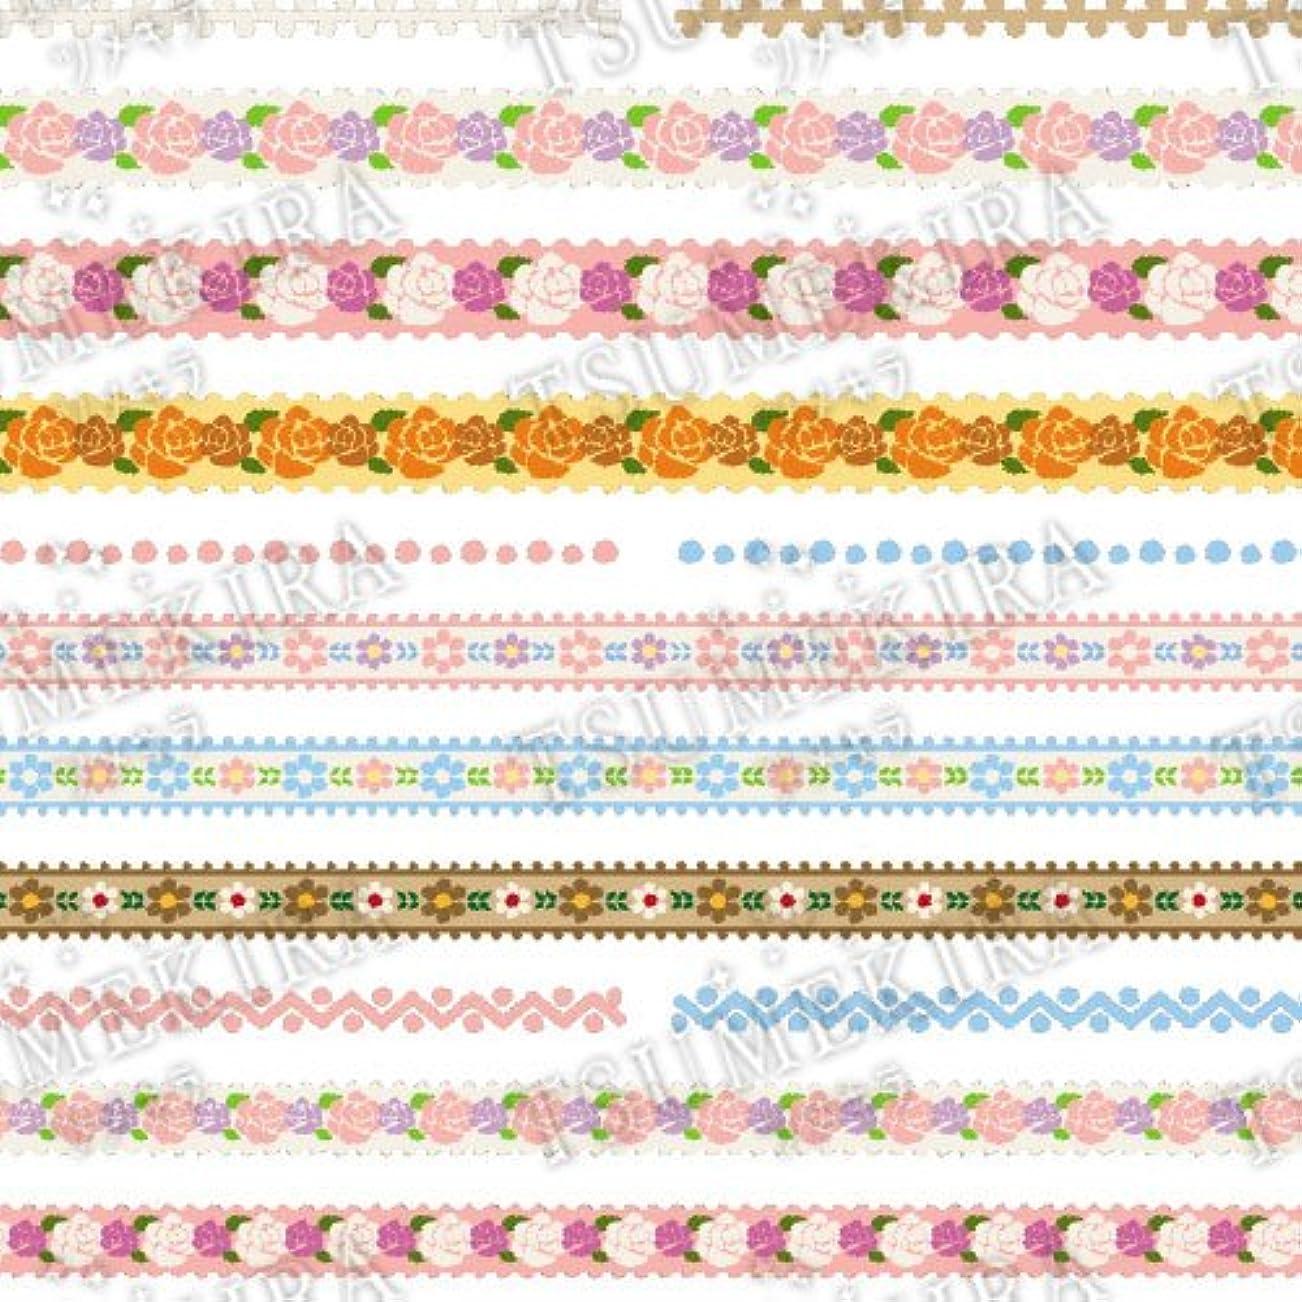 クラッチナット回転させるツメキラ ネイル用シール スタンダードスタイル チロリアン パステル